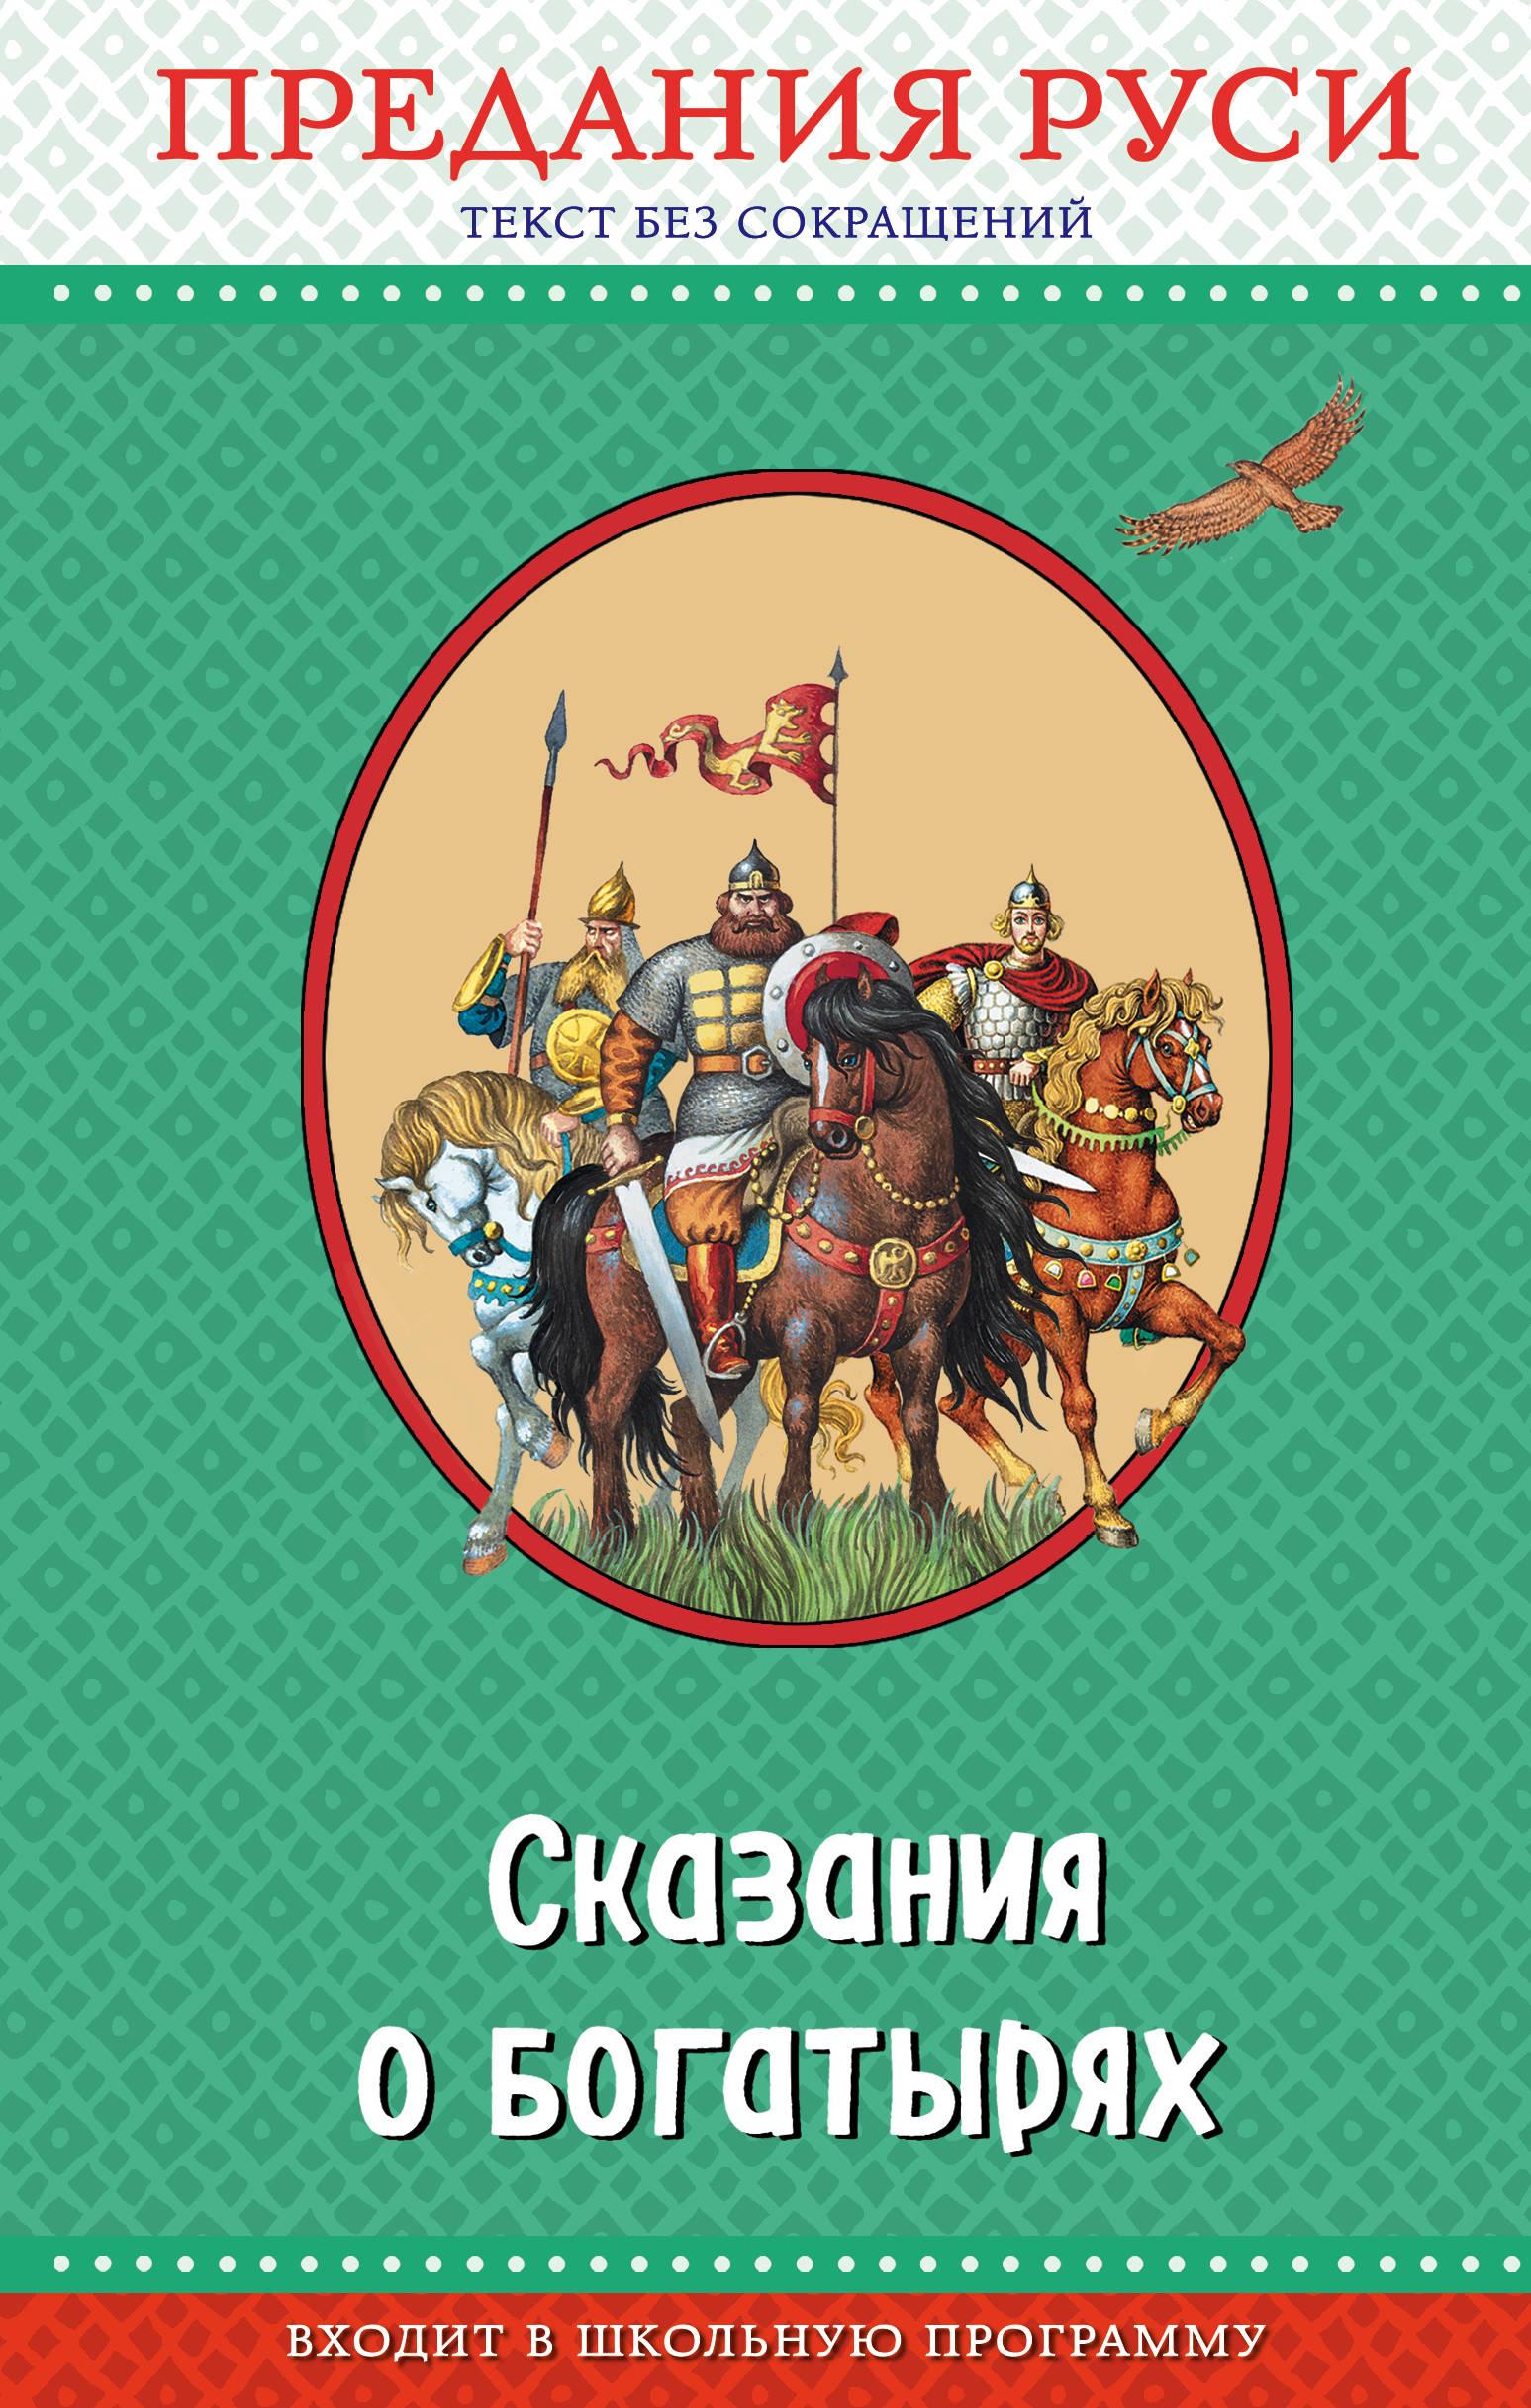 Фото - Сказания о богатырях. Предания Руси кожедуб в отв ред сказания о богатырях предания руси